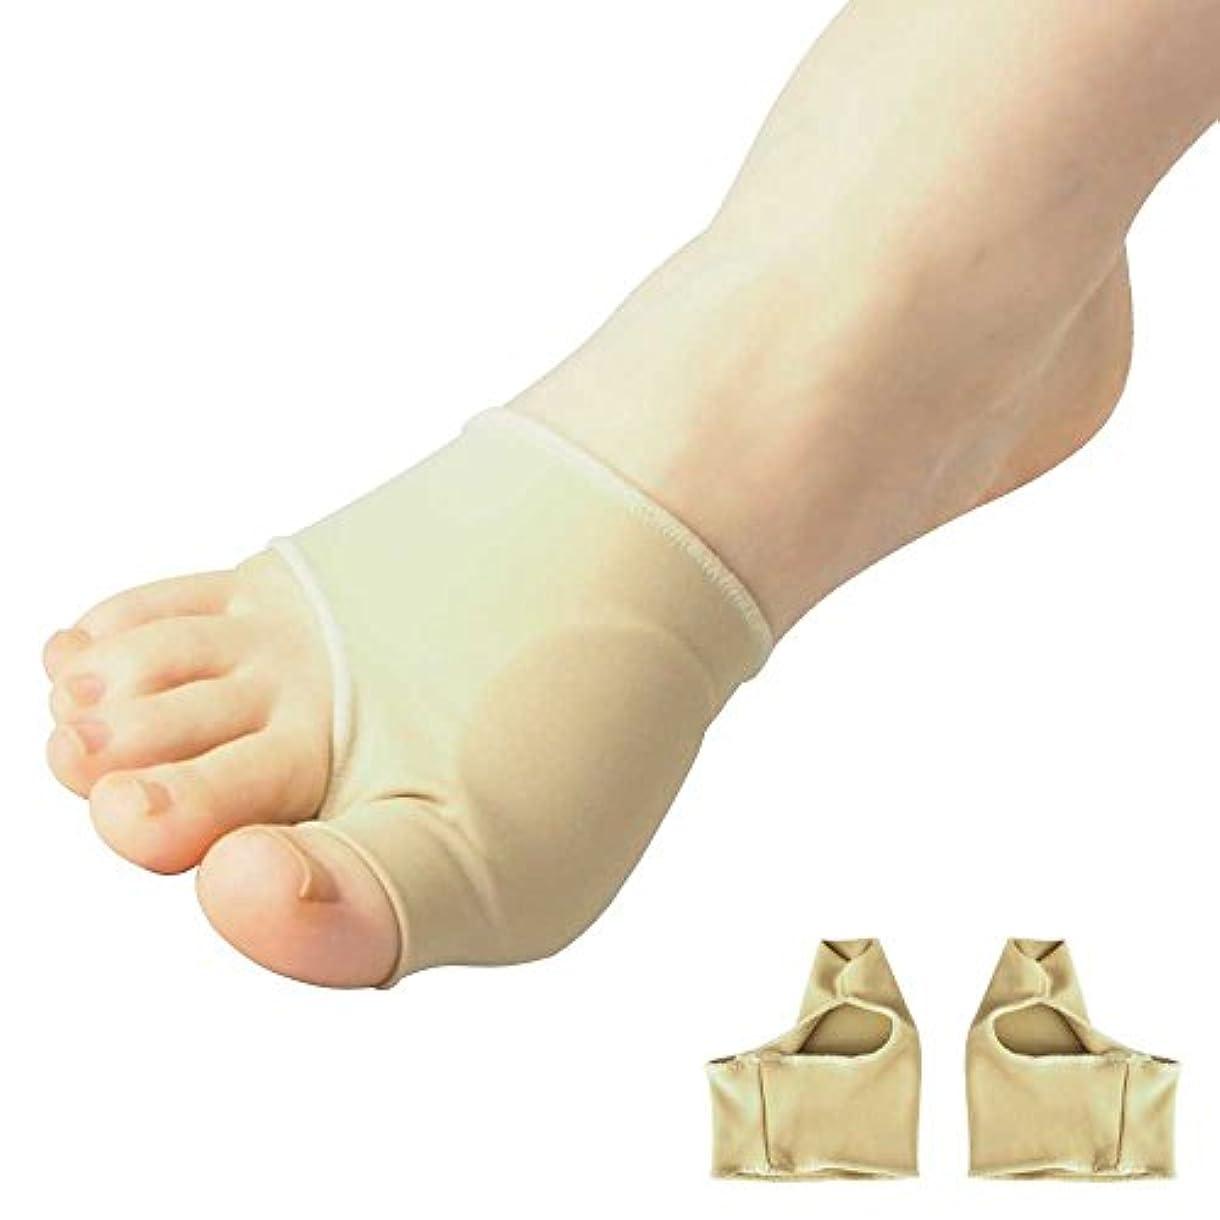 消すかもめ精神医学外反母趾 フットケア サポーター 靴擦れ対策 (S)